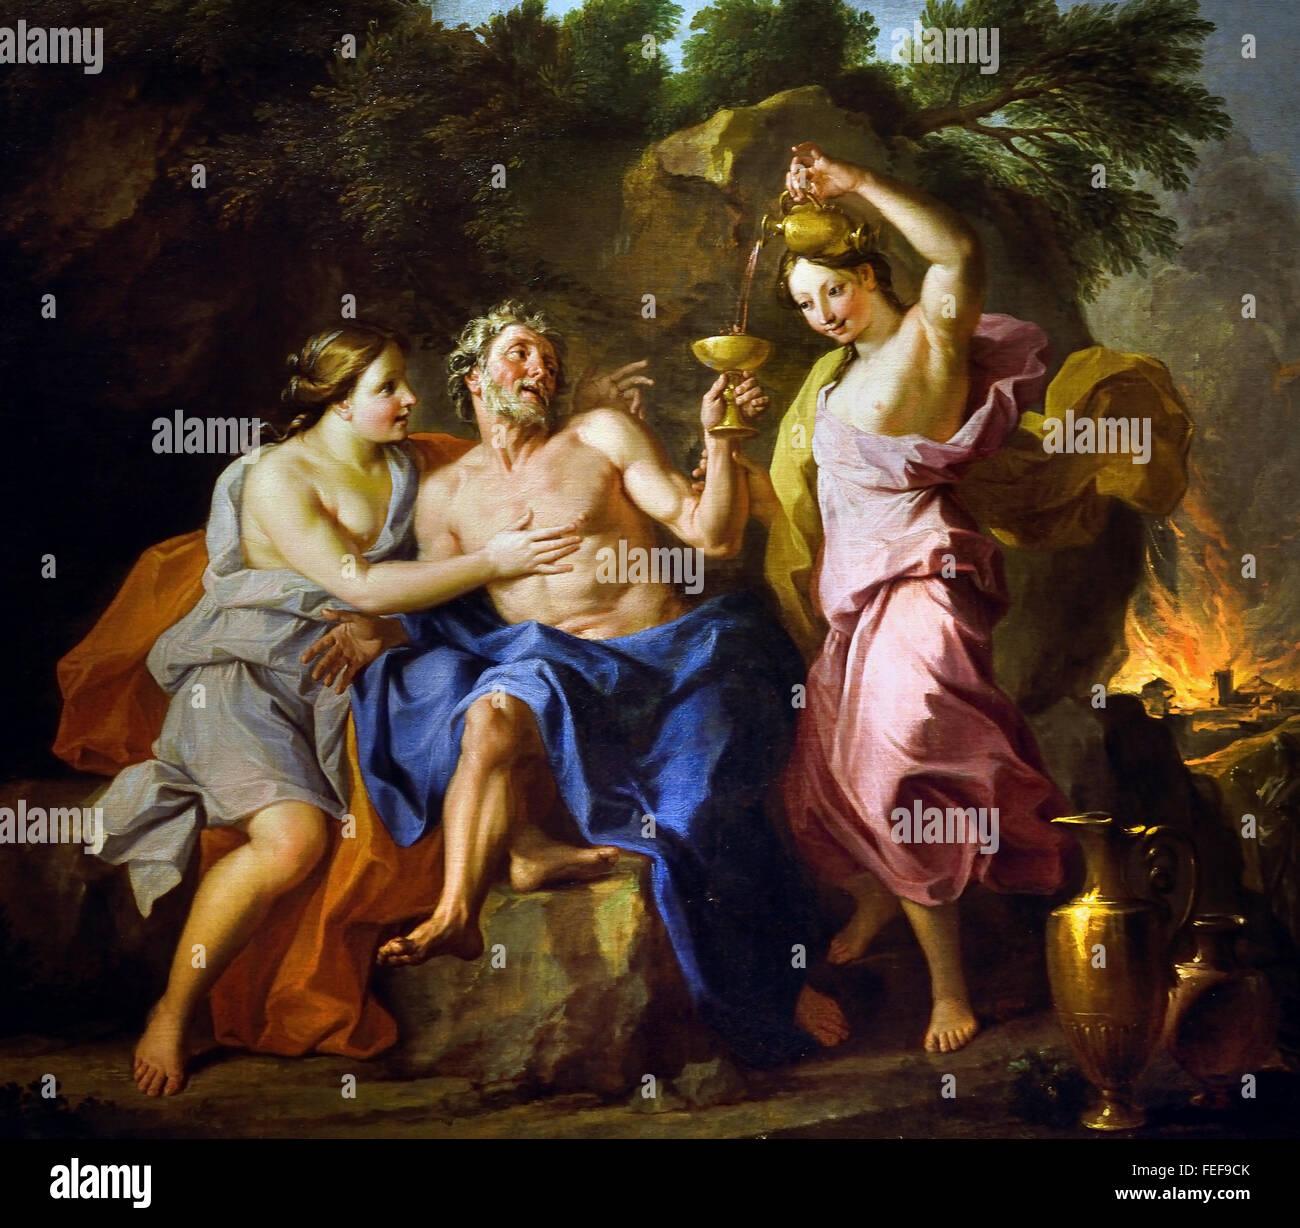 lot noel Lot and his Daughters (or Drunkenness Lot) by Noel Coypel 1628  lot noel